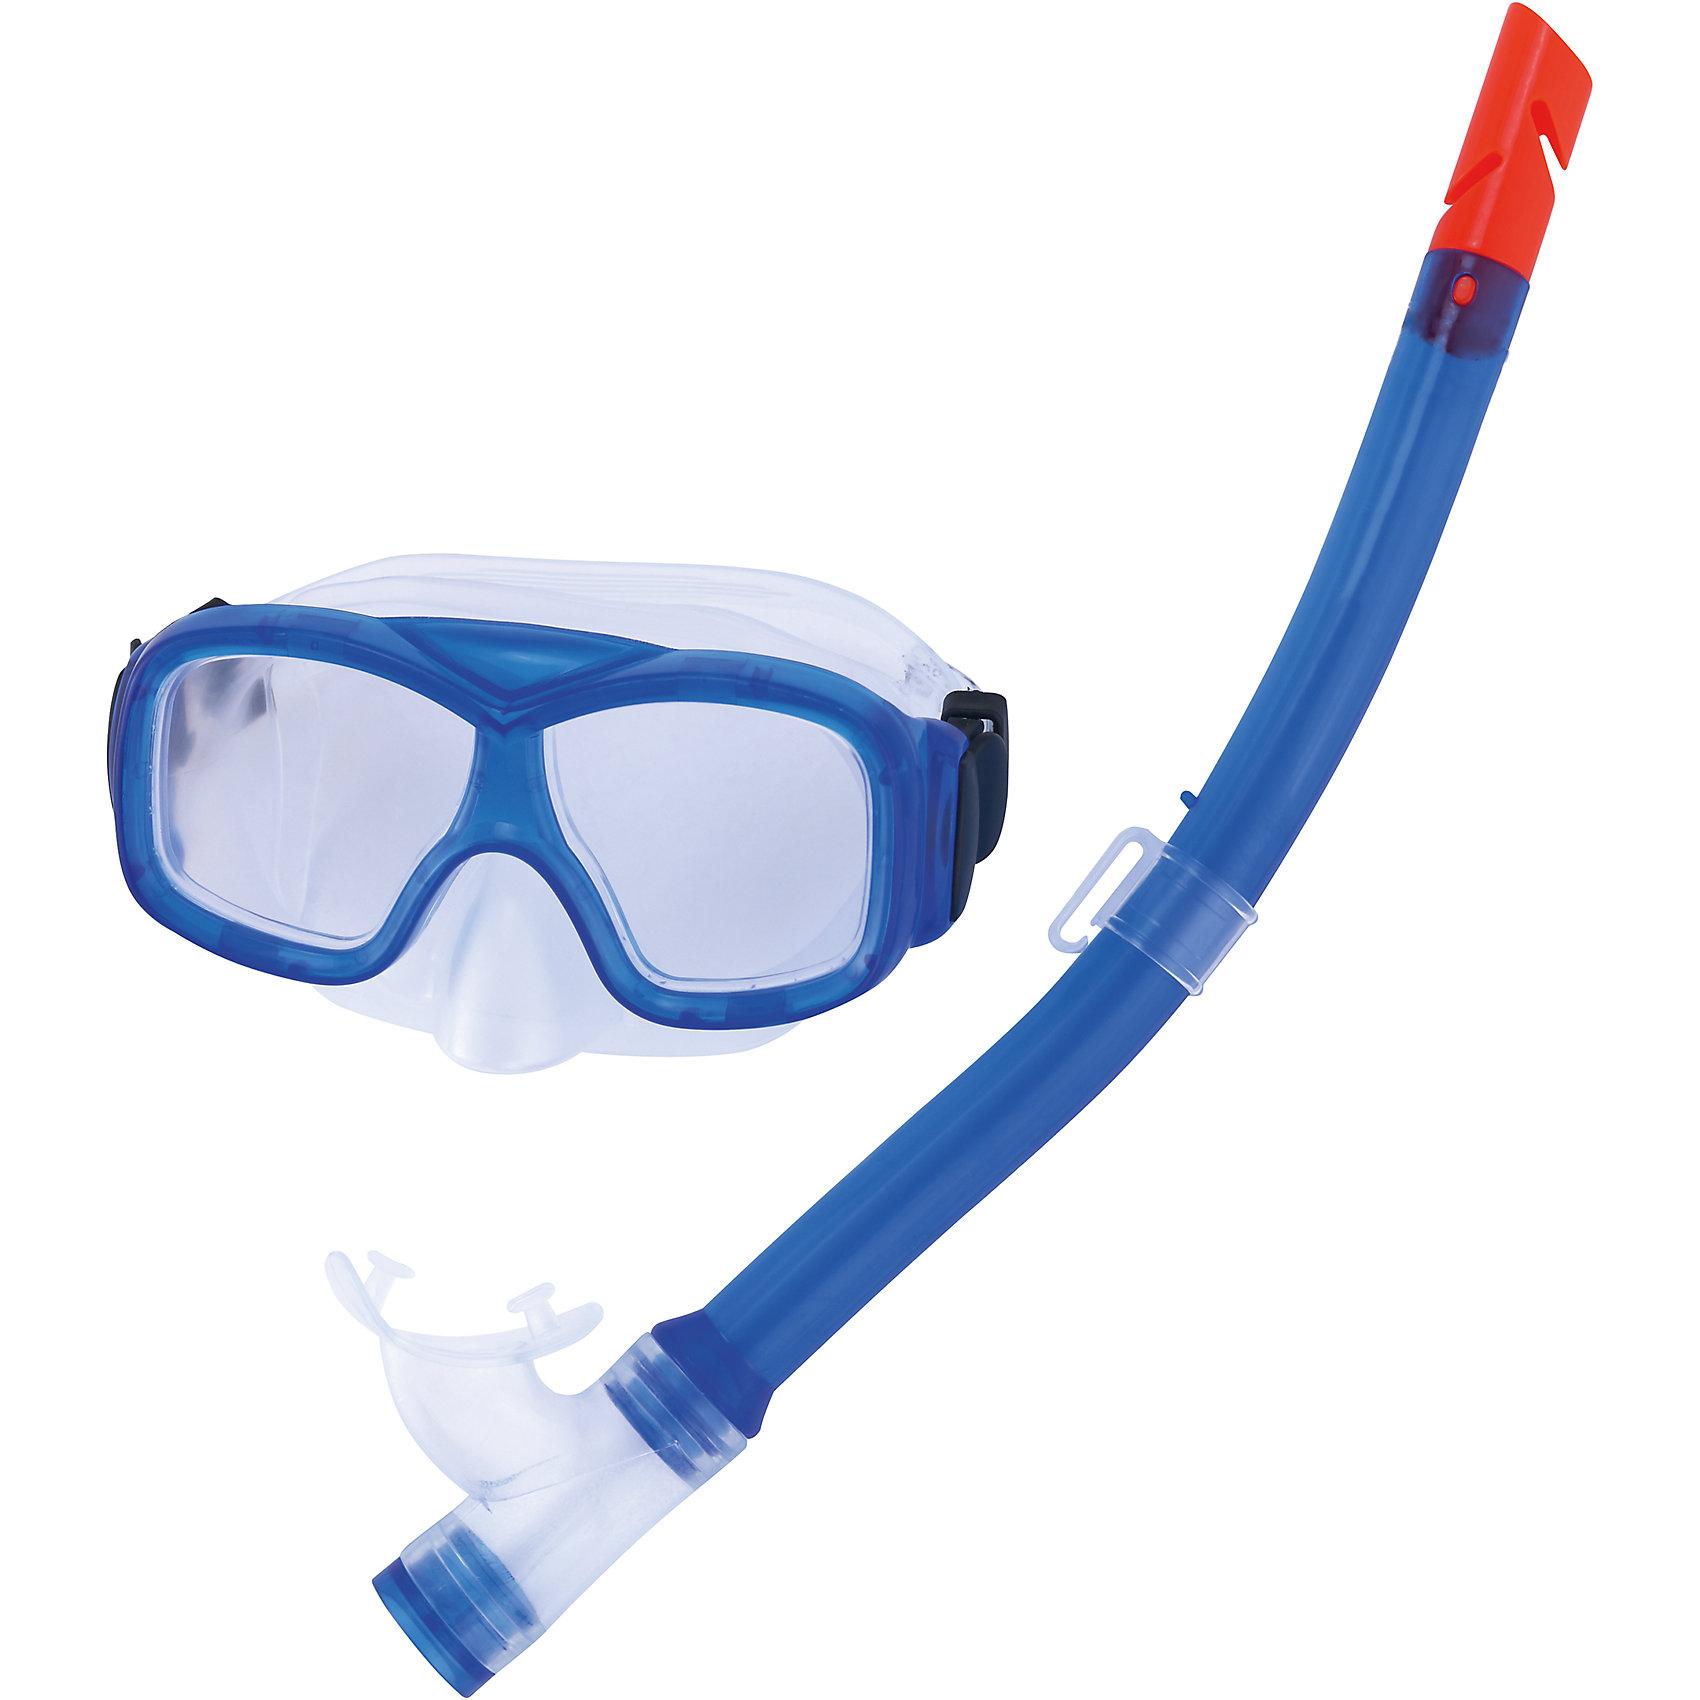 Набор для ныряния (маска+трубка) Explorer подростковый,  BestwayОчки, маски, ласты, шапочки<br>Набор для ныряния Explorer, Bestway - отличный вариант для активного отдыха и увлекательных исследований подводного мира. В комплект входят маска для ныряния и трубка. Маска оснащена линзами из поликарбоната с широким обзором без искажений, плотно прилегает к лицу и надёжно фиксируется регулируемым силиконовым ремешком. Пластиковая трубка с эластичным мягким загубником, положение которого можно регулировать, позволяет оставаться под водой на протяжении длительного времени. <br><br>Дополнительная информация:<br><br>- Материал: поликарбонат.<br>- Размер упаковки: 48 х 18,5 х 8 см.<br>- Вес: 0,308 кг.<br><br>Набор для ныряния (маска+трубка) Explorer подростковый, Bestway (Бествей) можно купить в нашем интернет-магазине.<br><br>Ширина мм: 480<br>Глубина мм: 185<br>Высота мм: 80<br>Вес г: 308<br>Возраст от месяцев: 84<br>Возраст до месяцев: 168<br>Пол: Унисекс<br>Возраст: Детский<br>SKU: 4051645